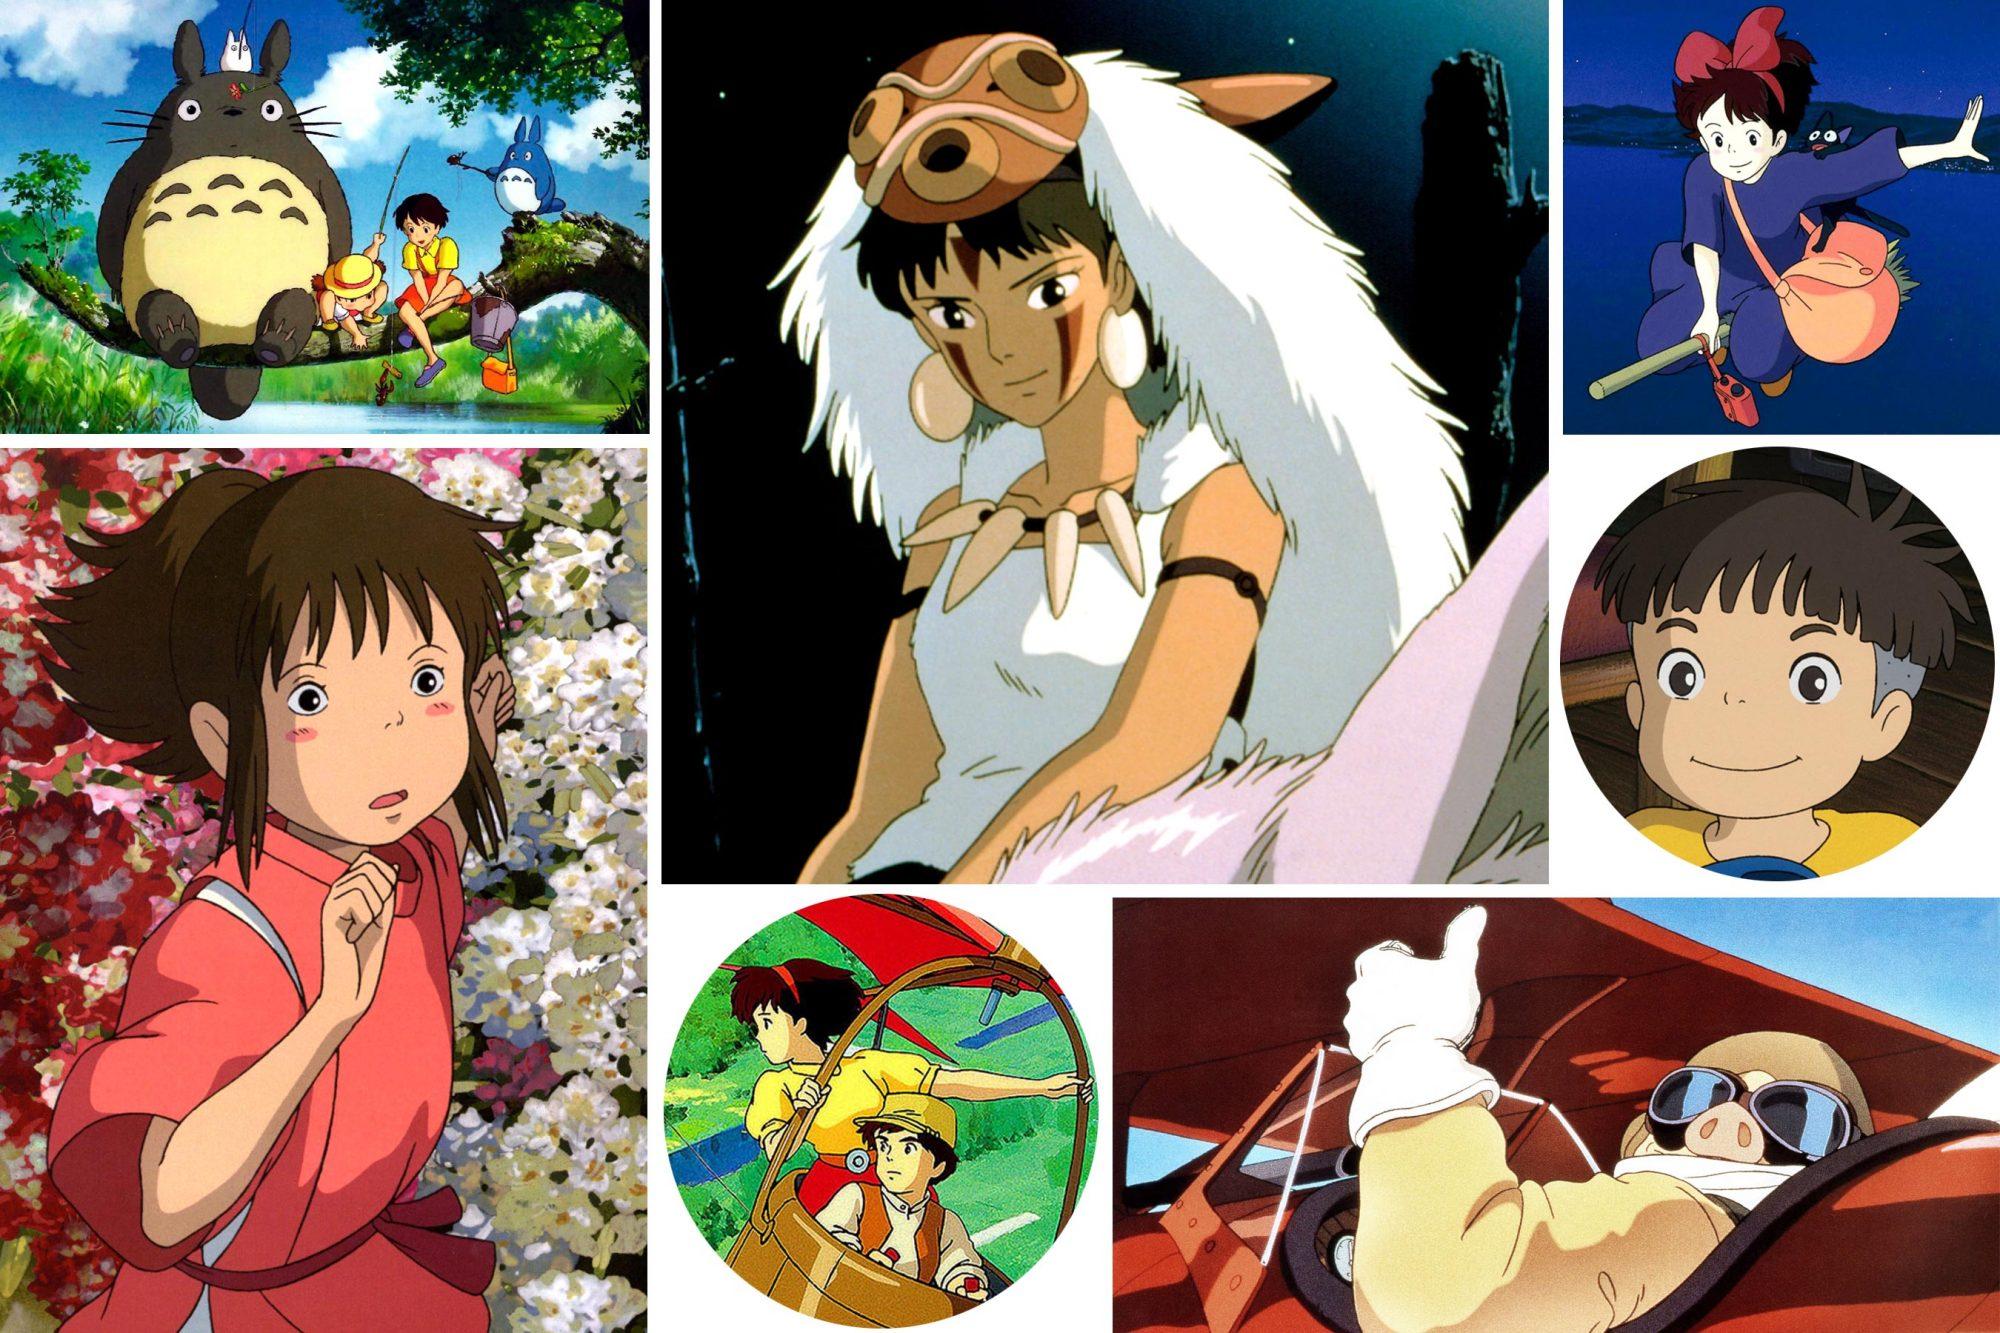 Studio Ghibli beginner's guide